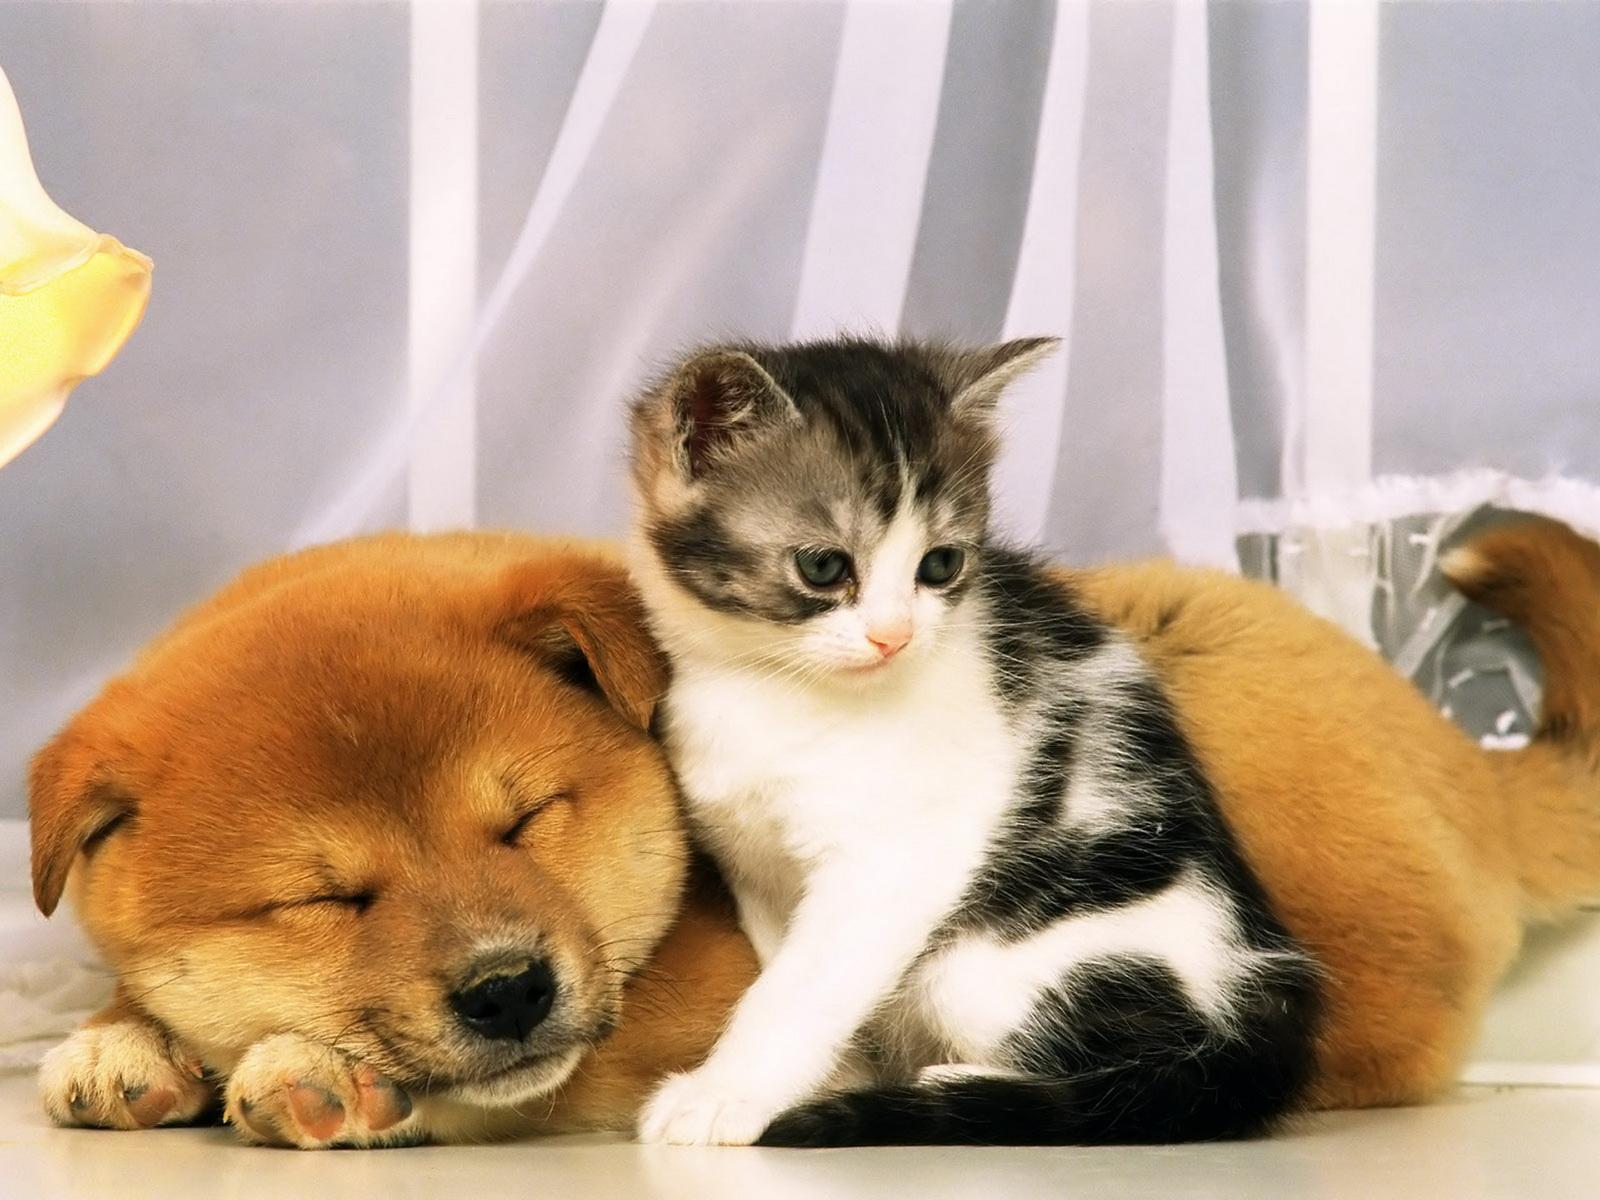 动物世界-猫狗亲亲(1600x1200)壁纸 - 桌面壁纸【壁纸